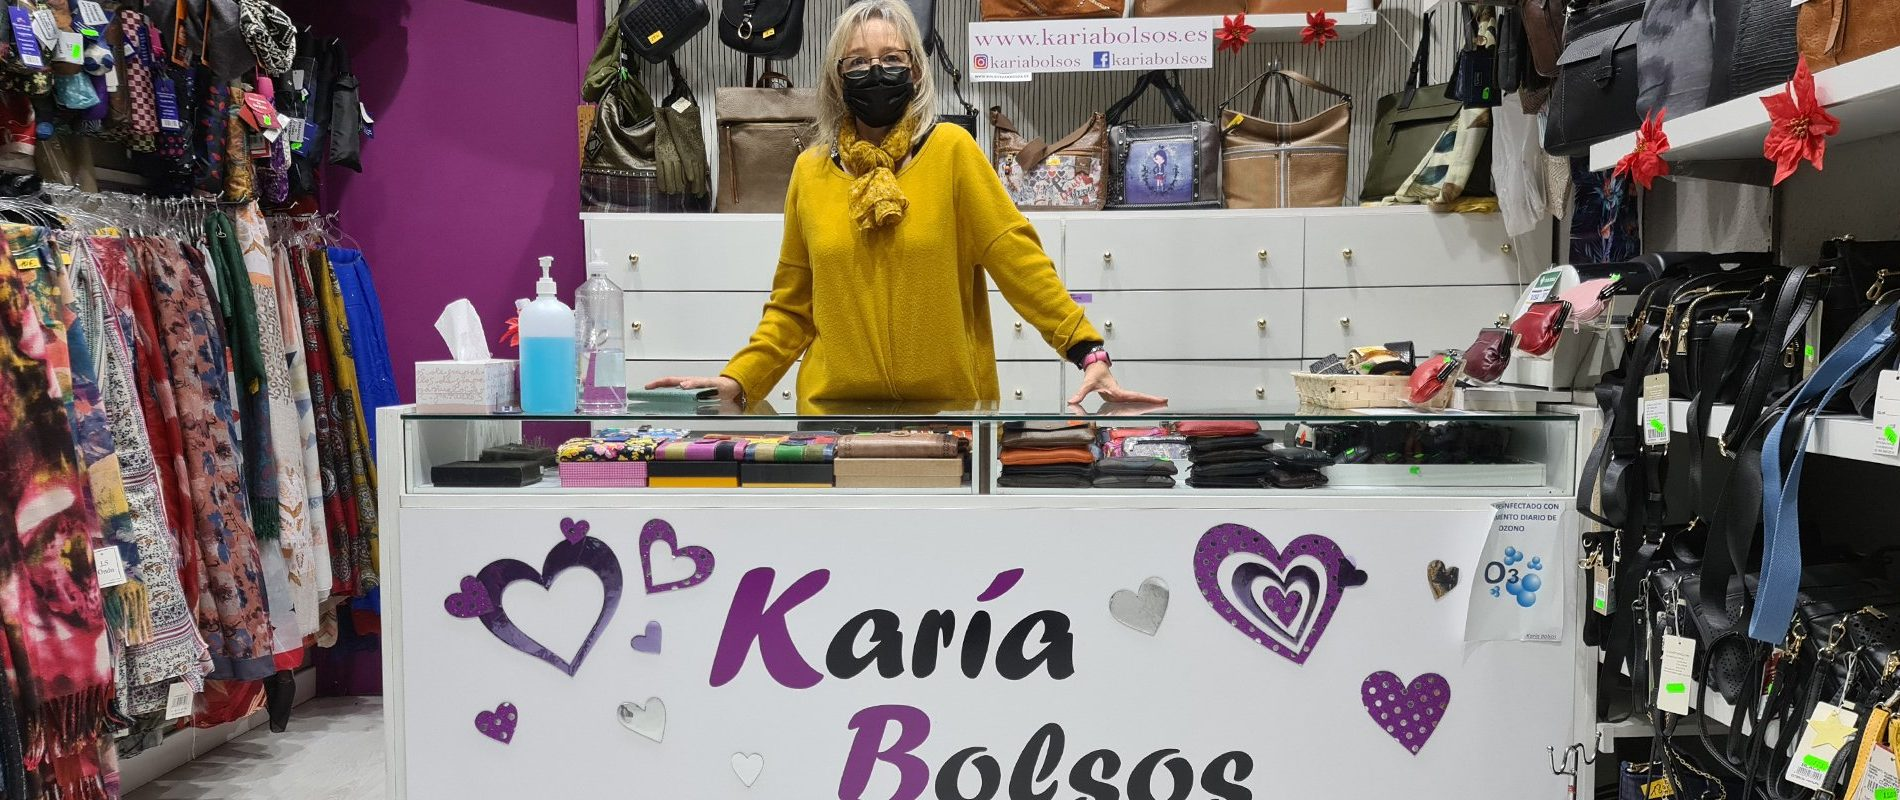 Karia Bolsos - La tienda de bolsos de toda la vida en Zaragoza